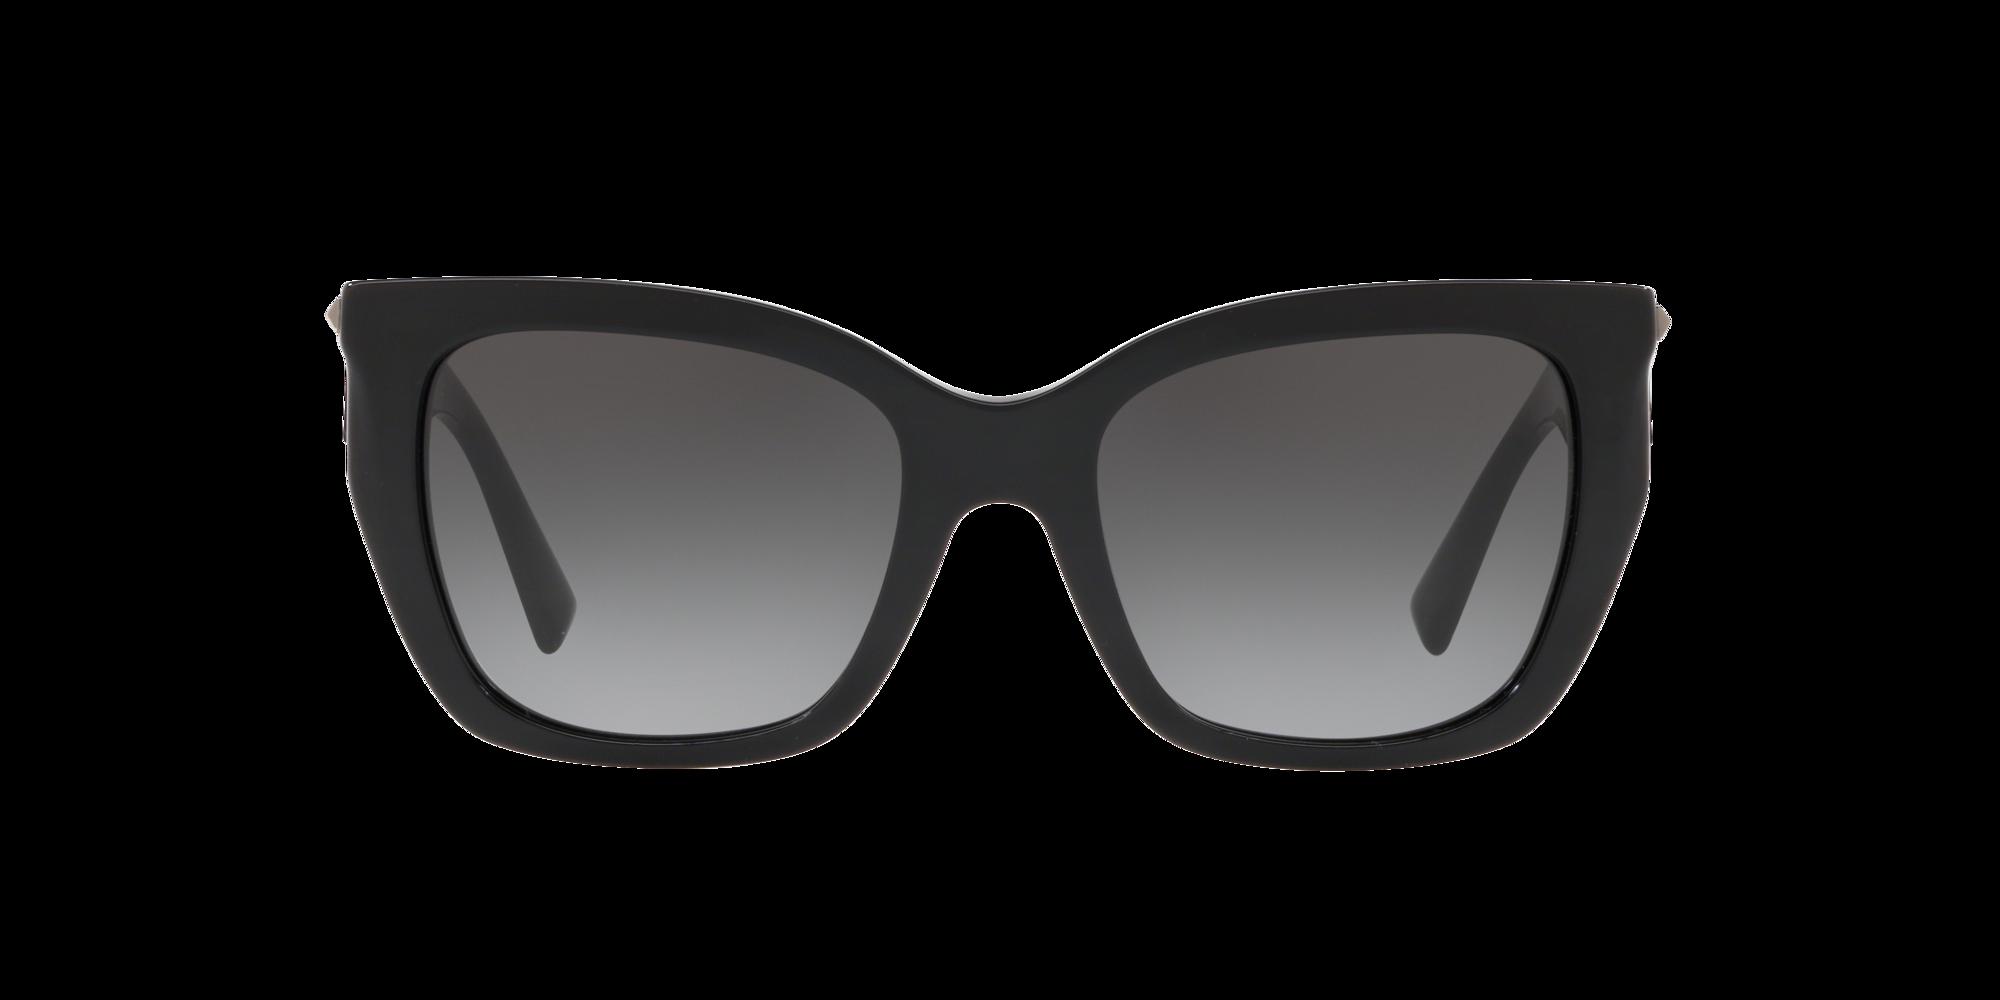 Imagen para VA4048 53 de LensCrafters    Espejuelos, espejuelos graduados en línea, gafas